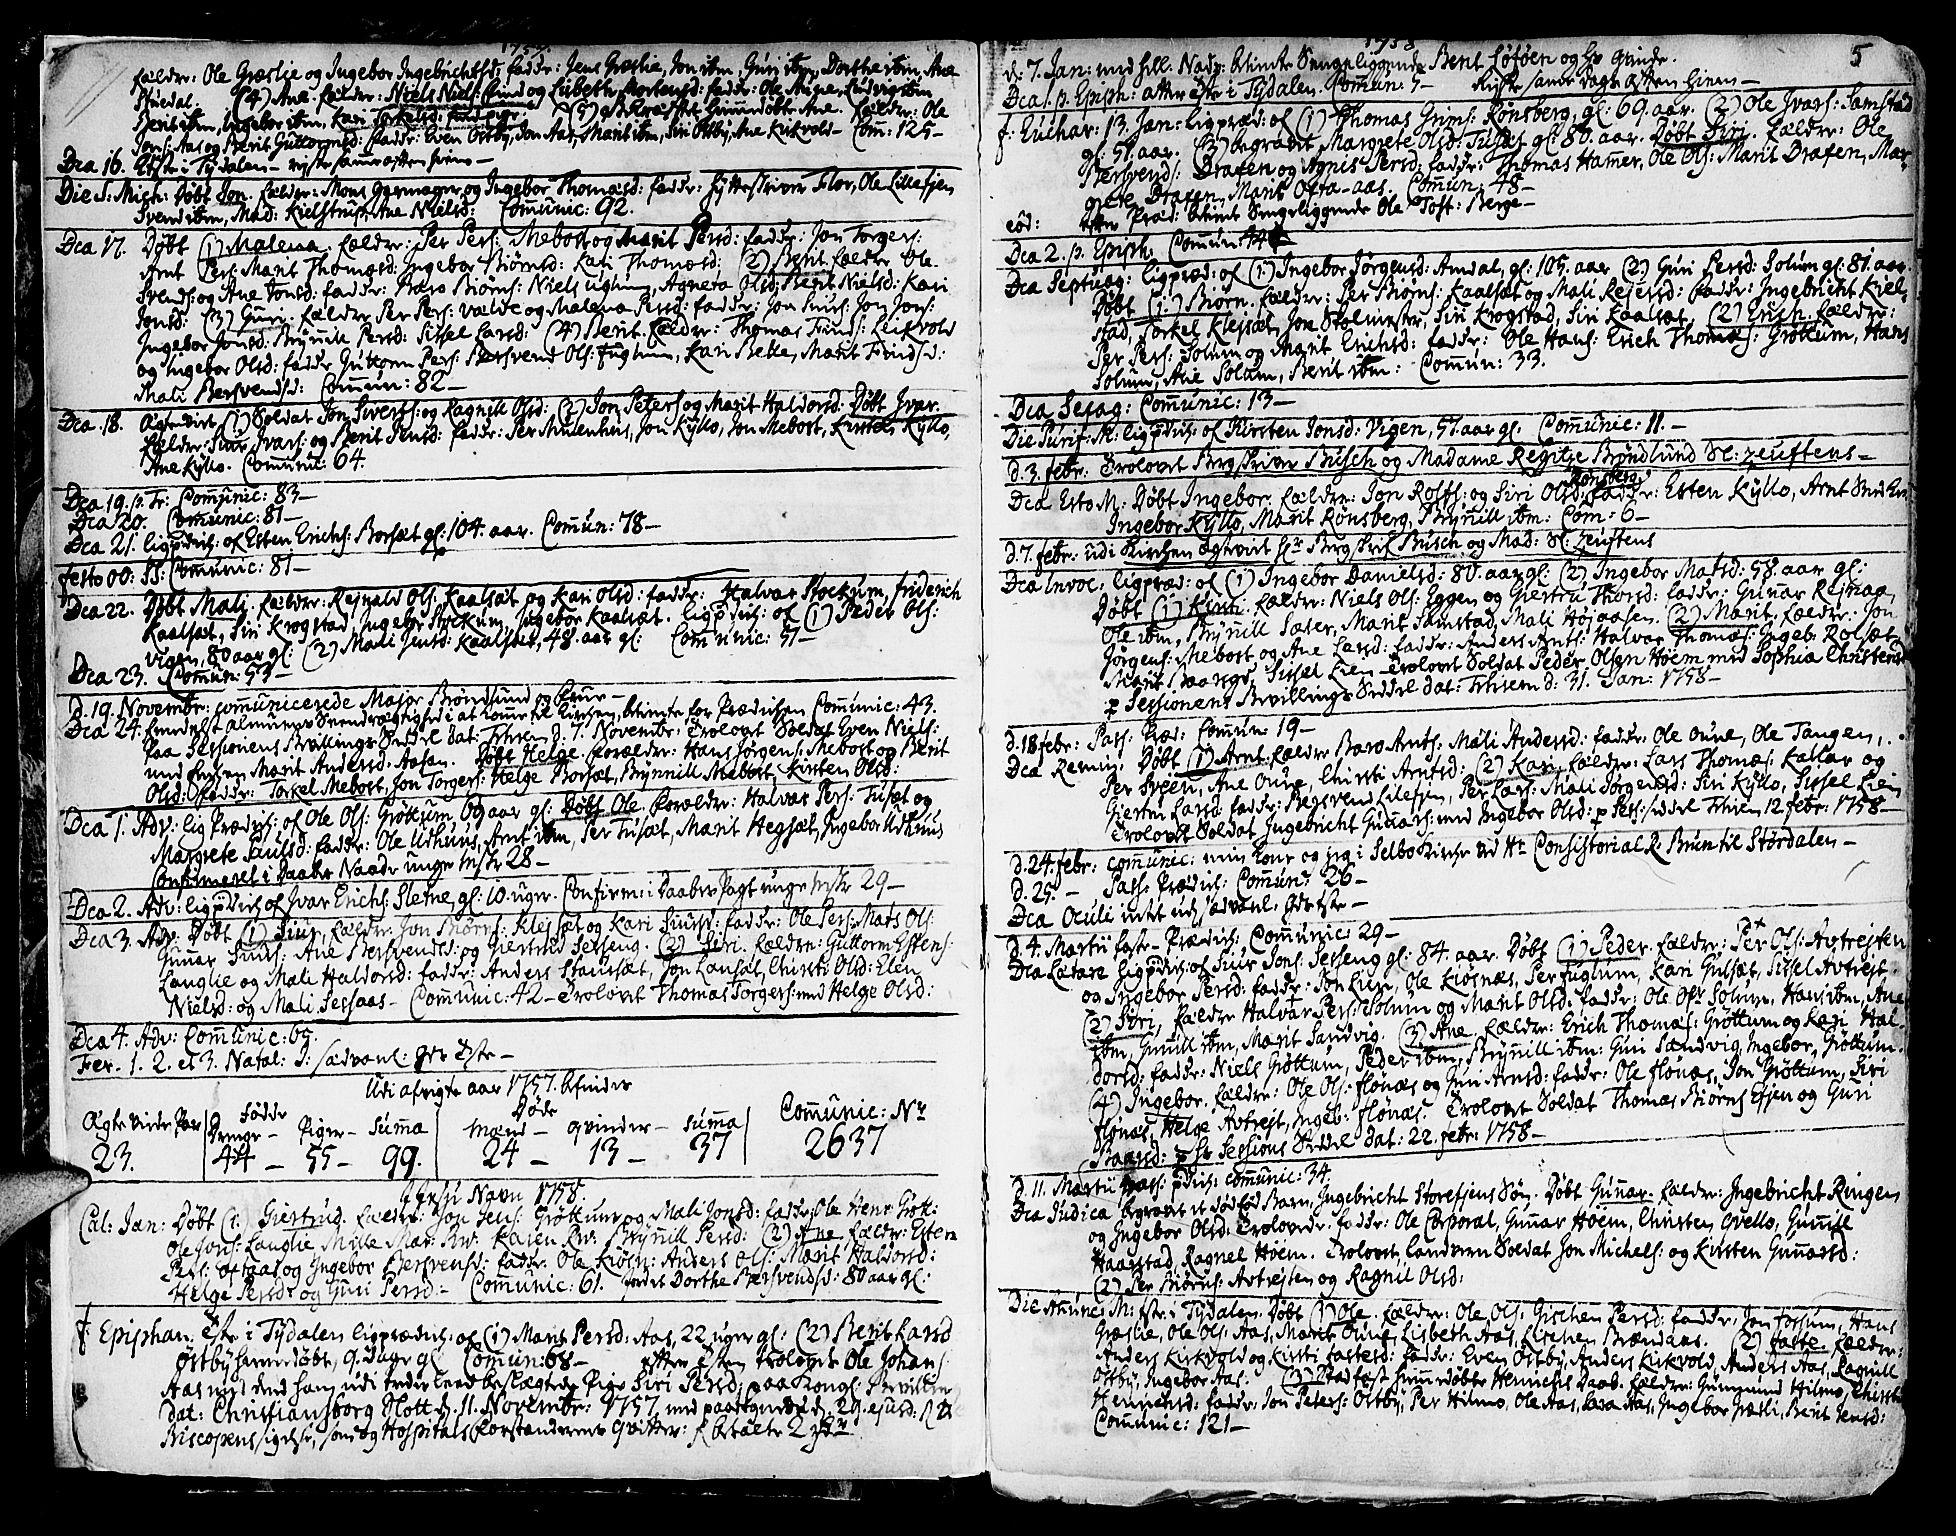 SAT, Ministerialprotokoller, klokkerbøker og fødselsregistre - Sør-Trøndelag, 695/L1138: Ministerialbok nr. 695A02 /1, 1757-1801, s. 5